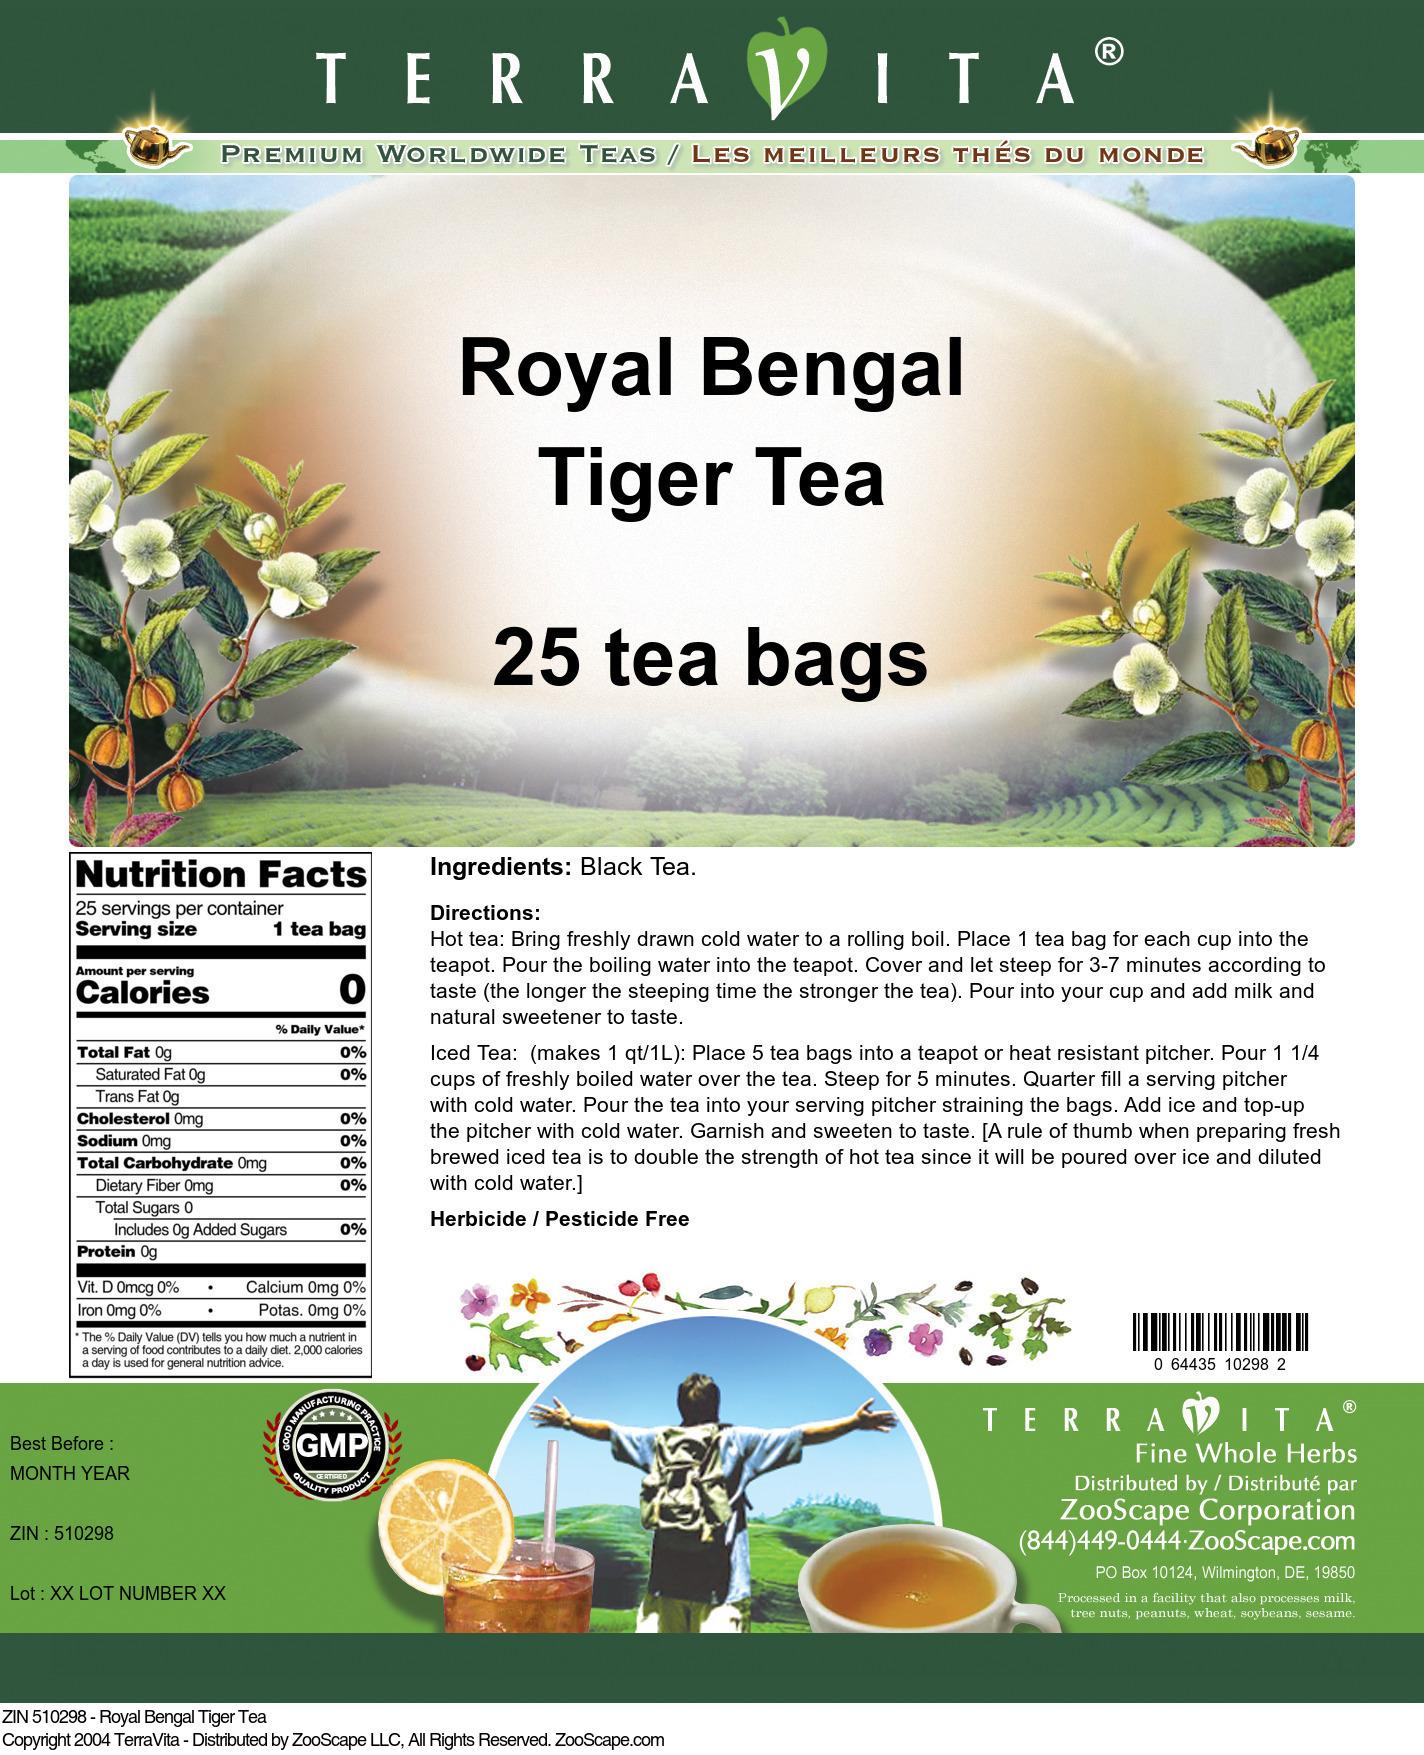 Royal Bengal Tiger Tea